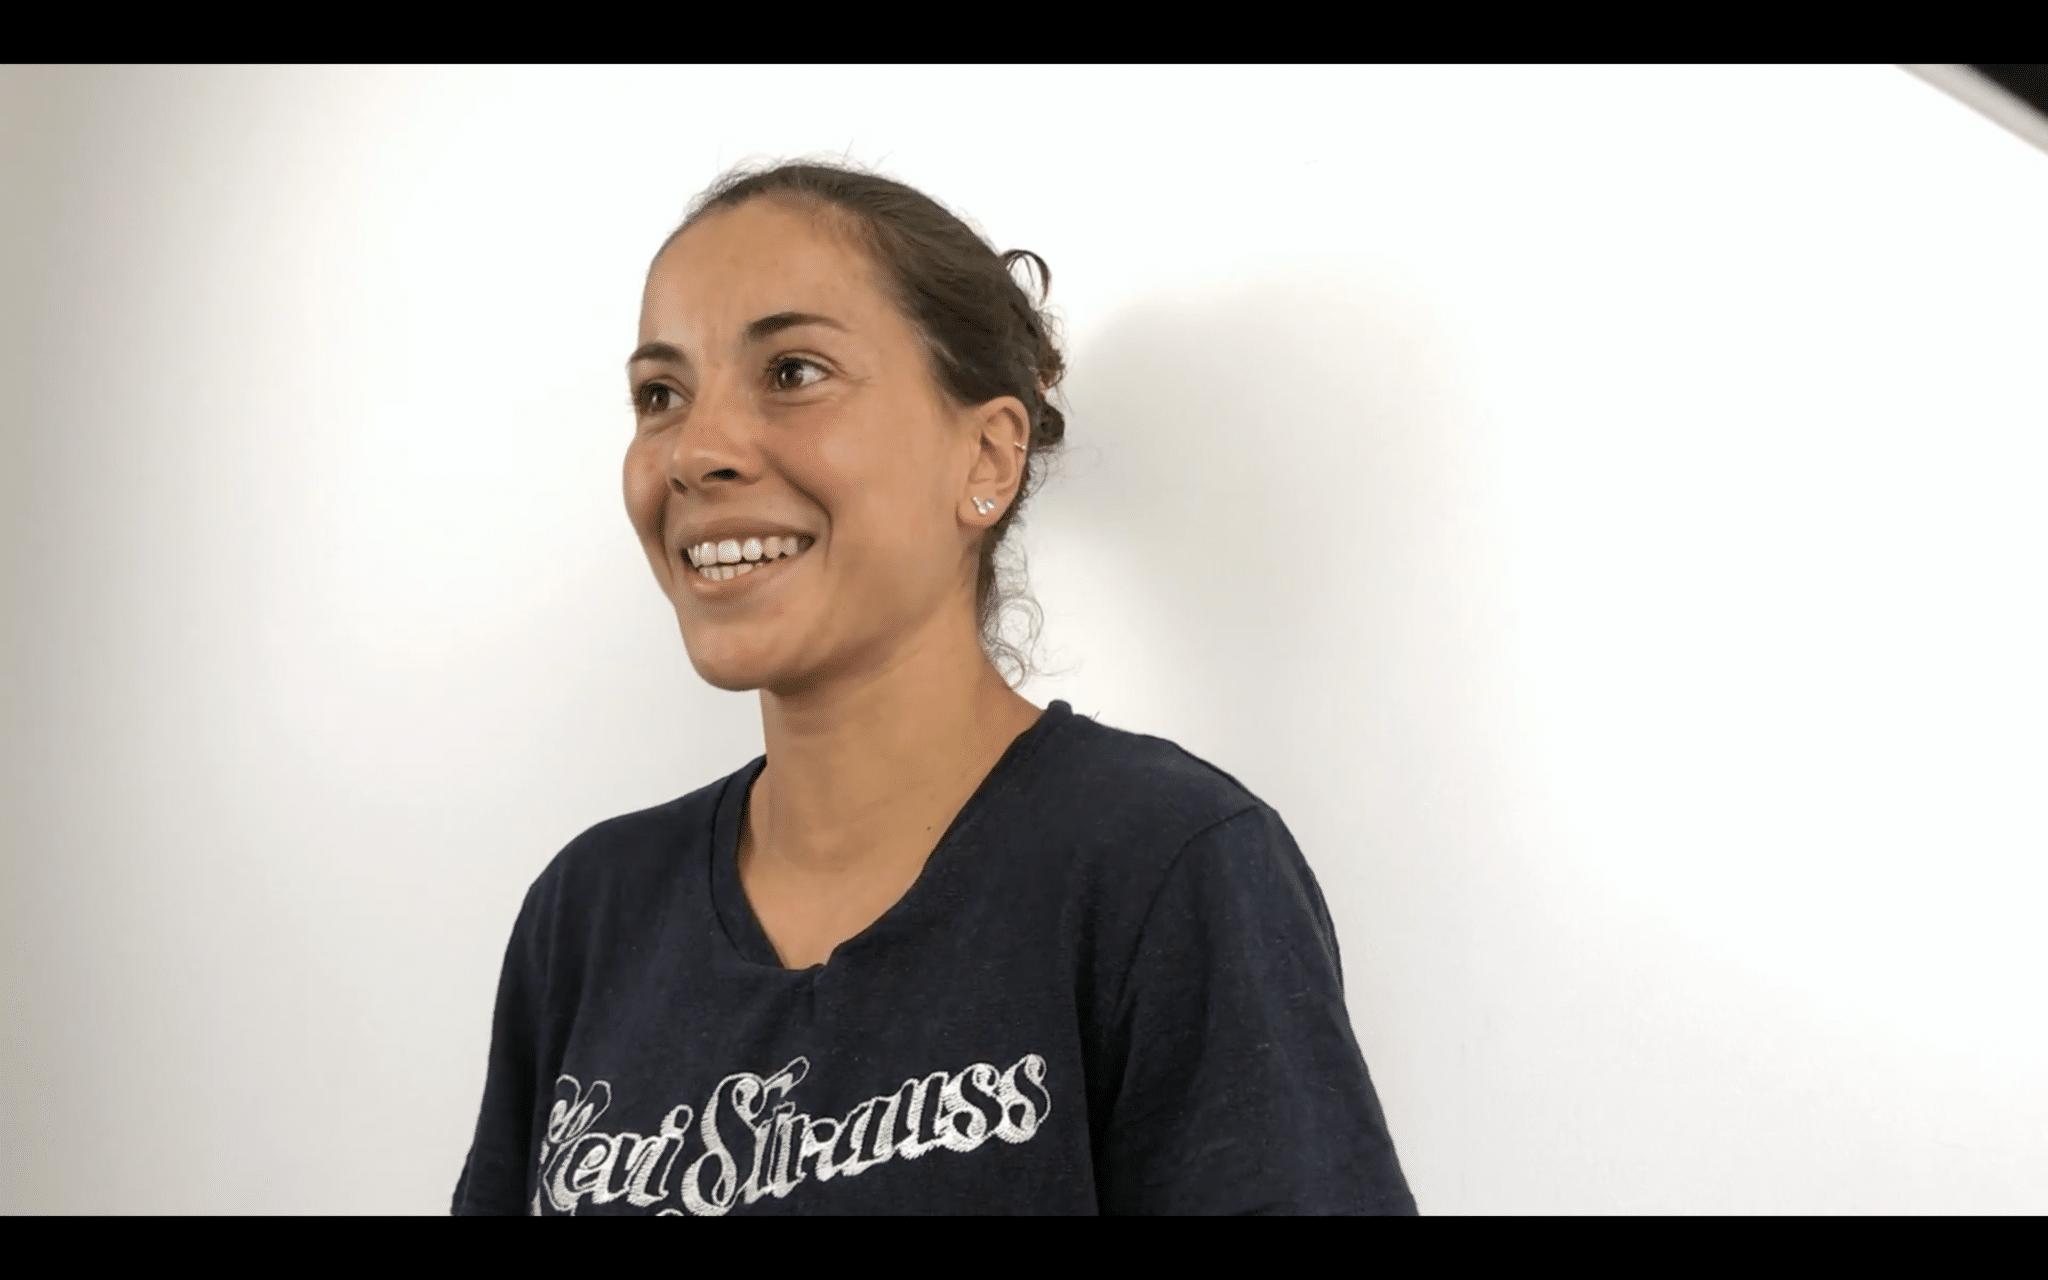 Testimonio Saleta Castro ortodoncia lingual